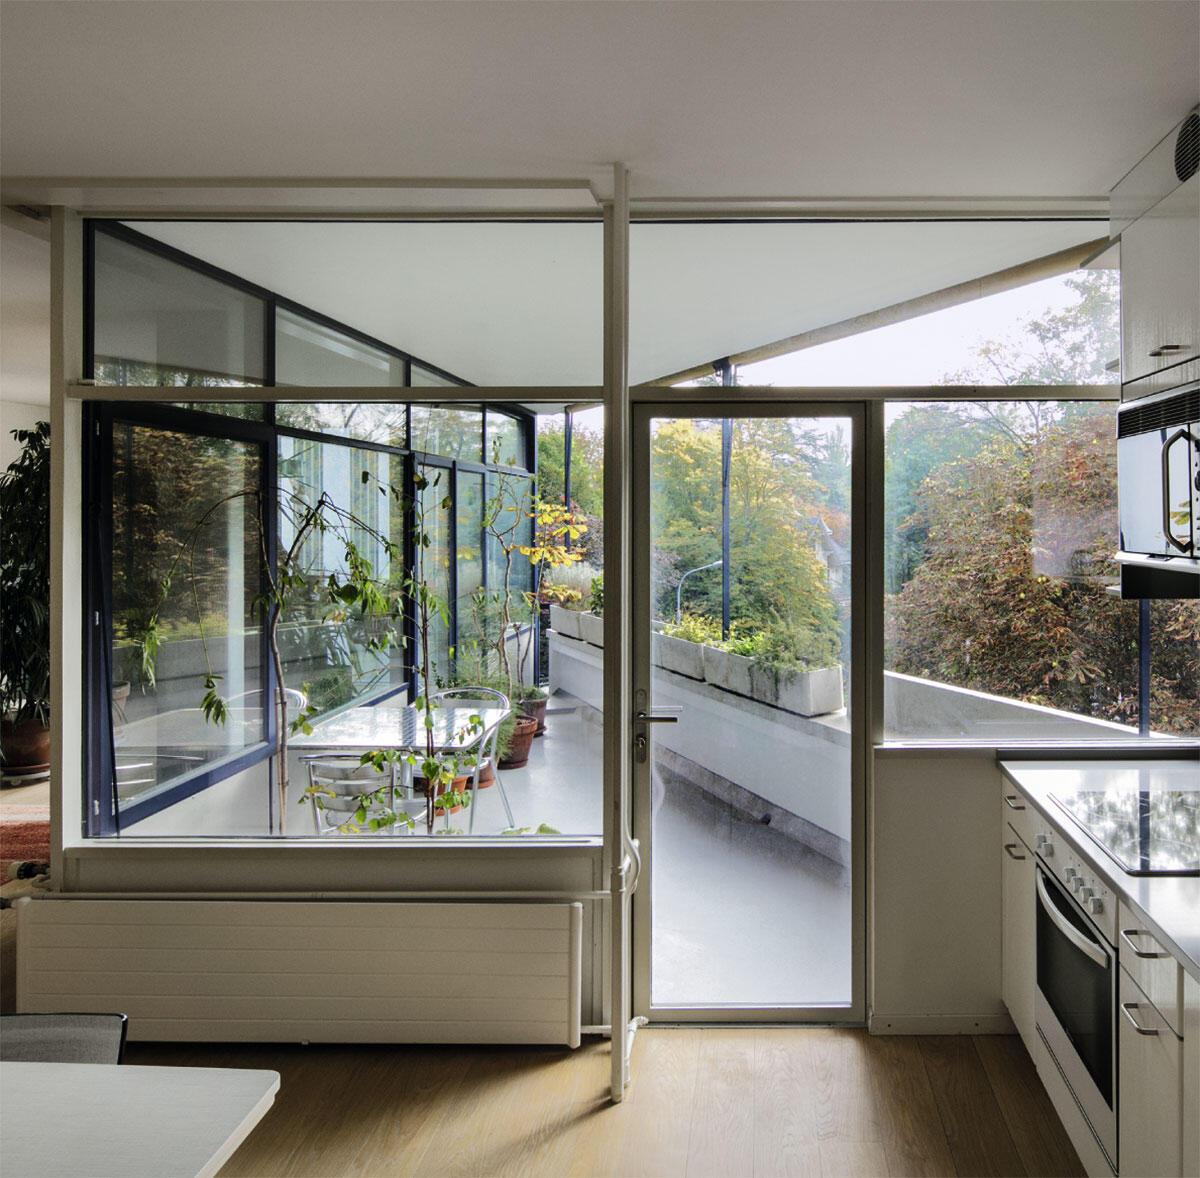 Wohnen wie im Freien: Küche und Wohnraum öffnen sich auf die dreieckigen Balkone im Miremont-le-Crêt.